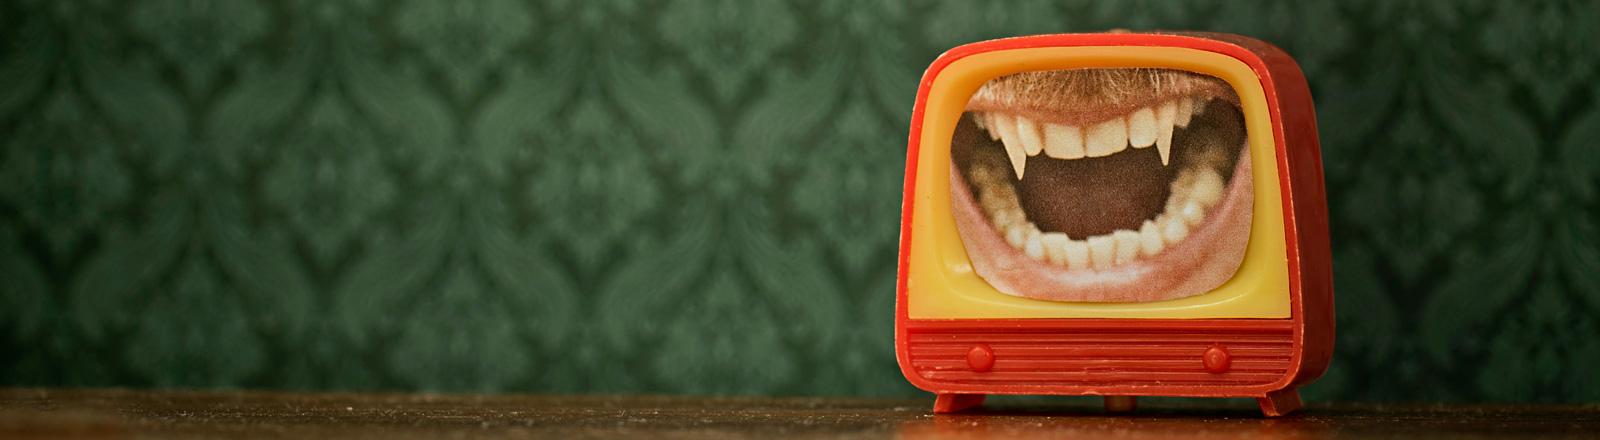 In einer kleinen Fernseher-Attrappe ist ein Foto von einem geöffneten Mund mit langen Eckzähnen, erinnert an einen Vampir. Der Fernseher steht vor einer grünen Mustertapete.